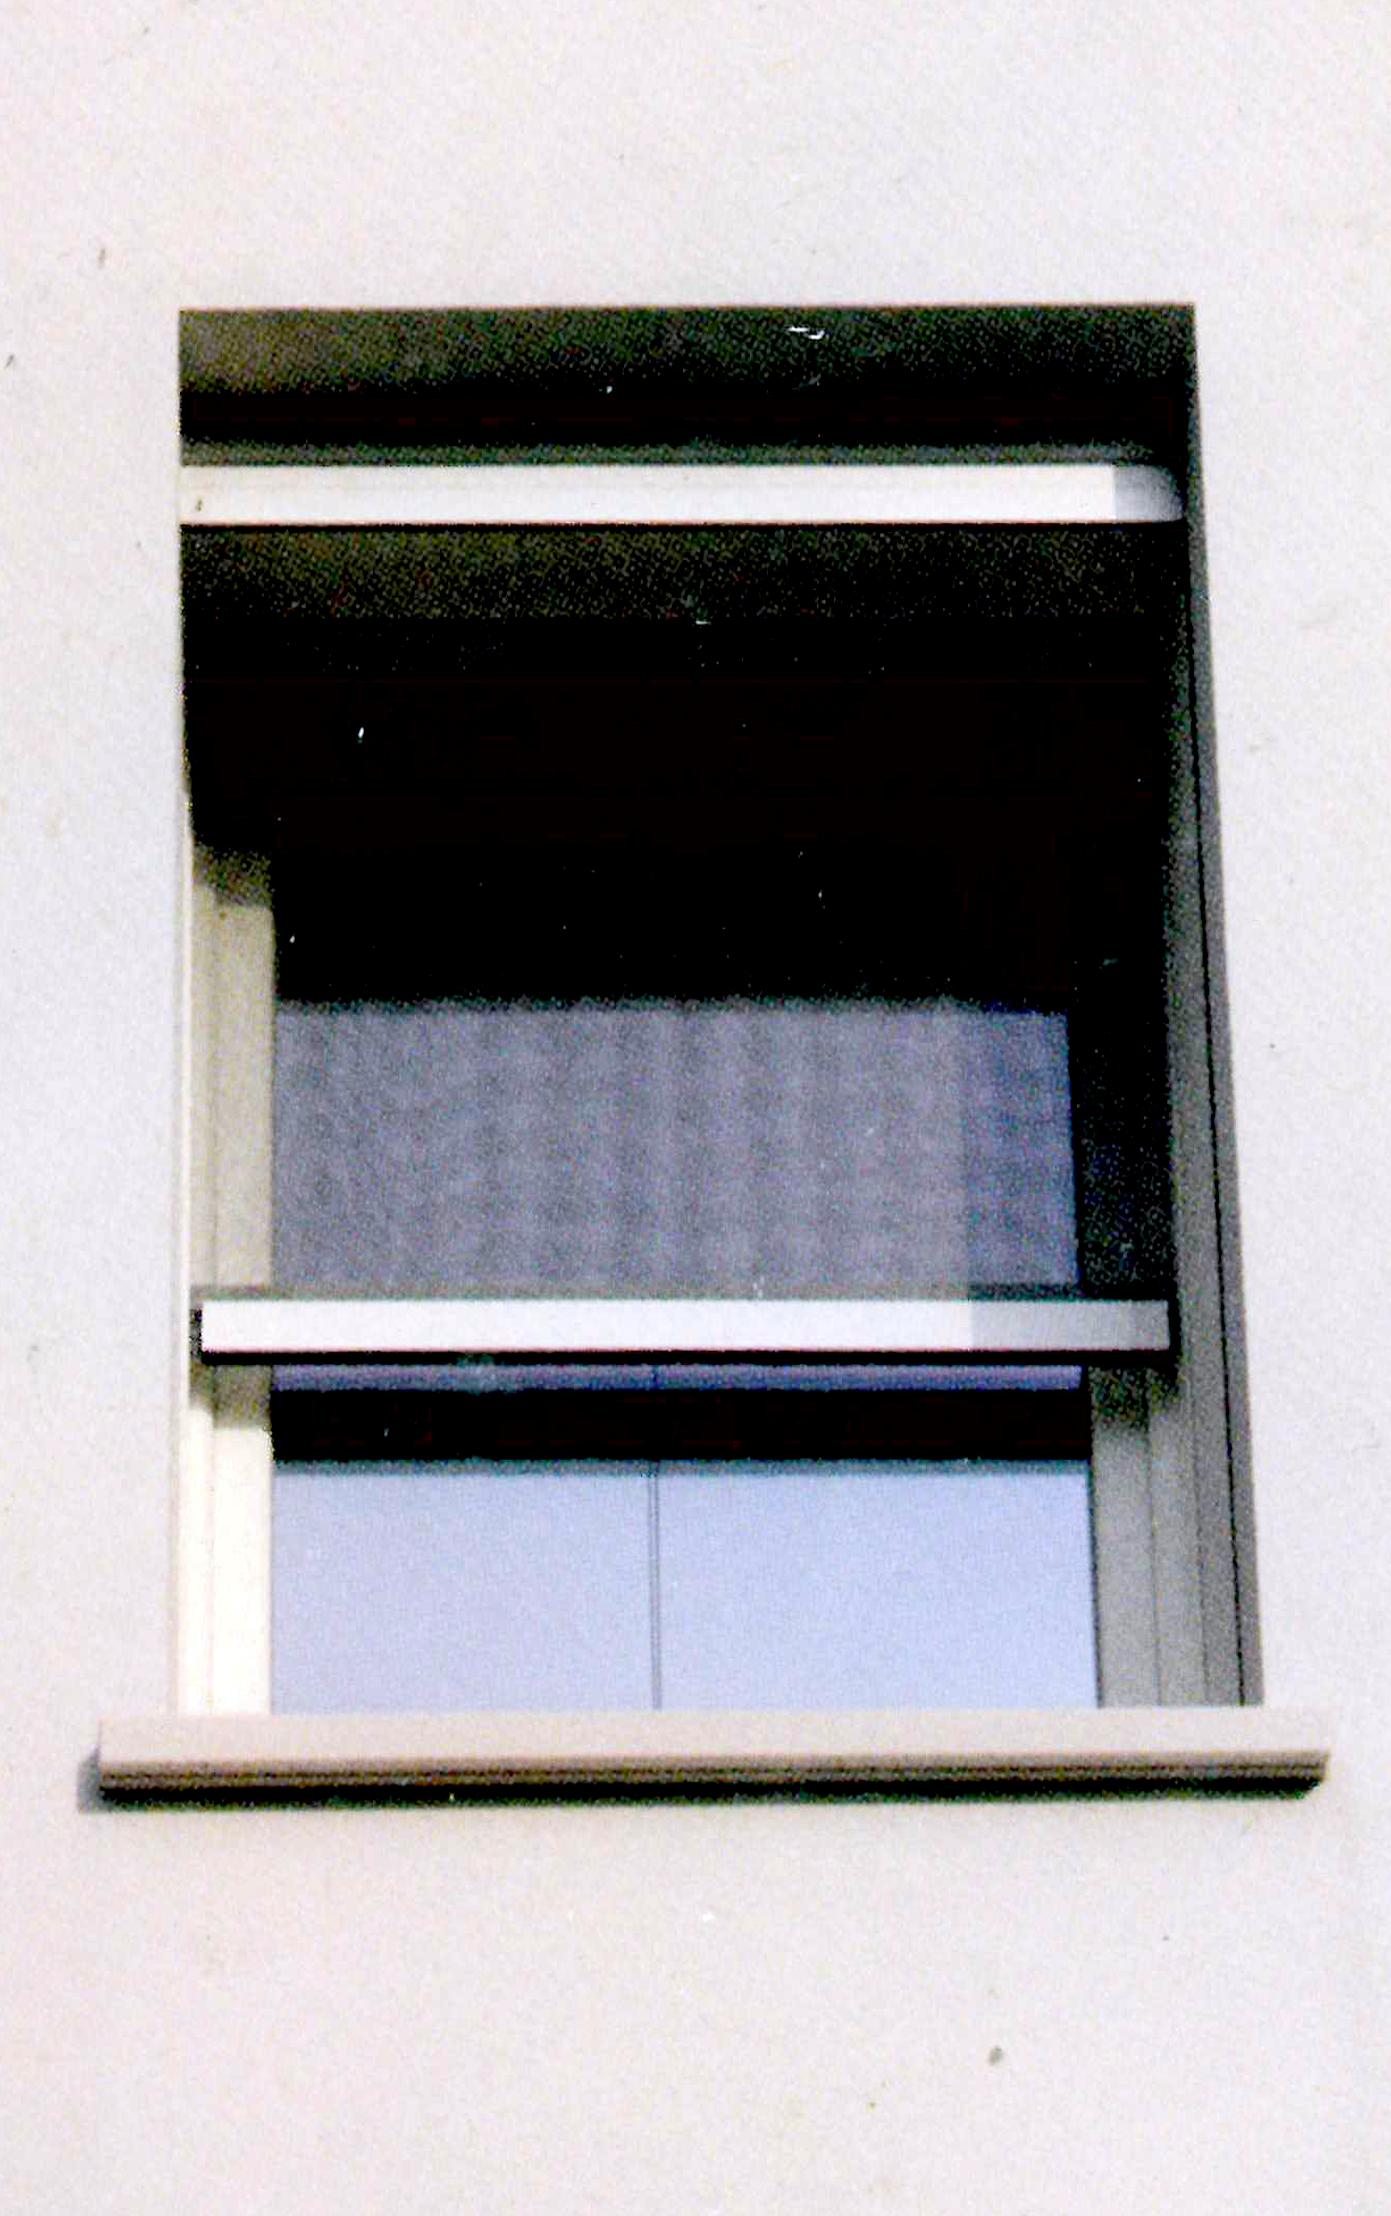 zanzariere gamma-verticale-porte-e-finestre